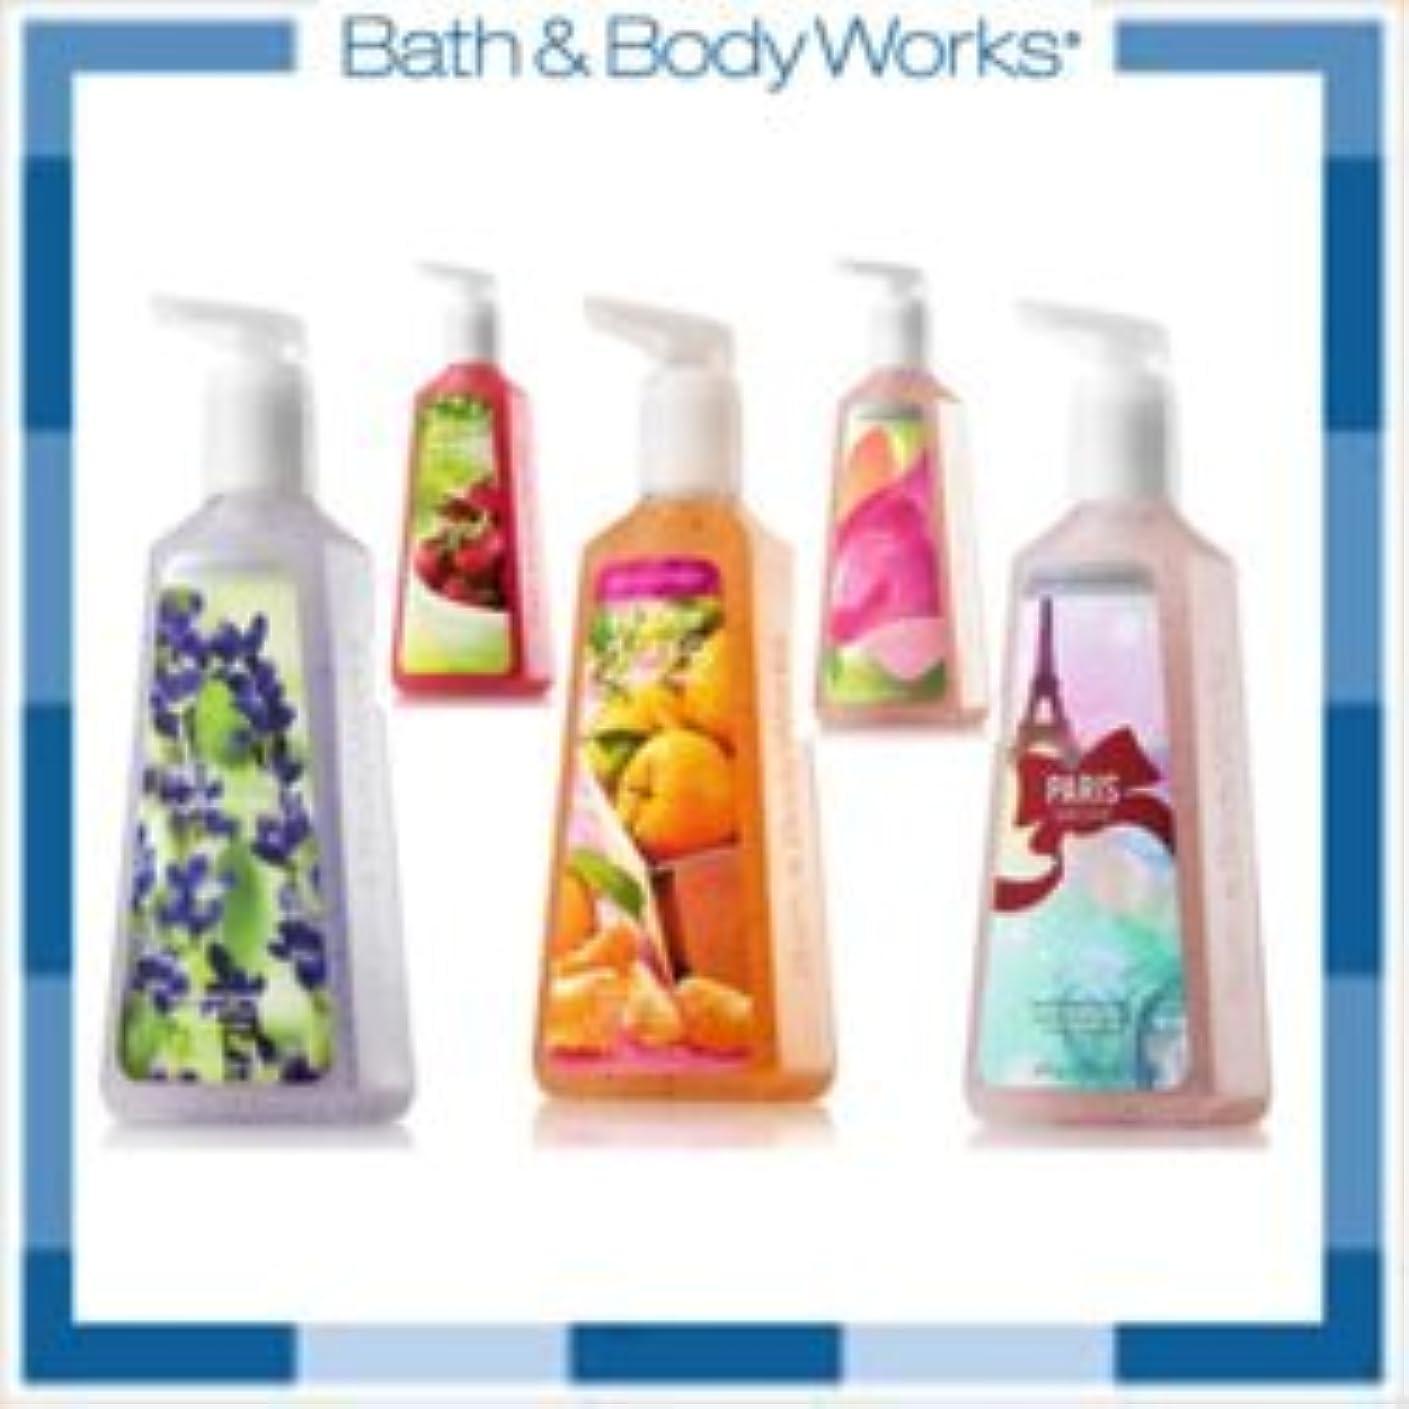 引き出すダンプ累計Bath & Body Works ハンドソープ 8本詰め合わせセット (???????、??????????????or MIX) 【平行輸入品】 (ディープクレンジング  (8本))